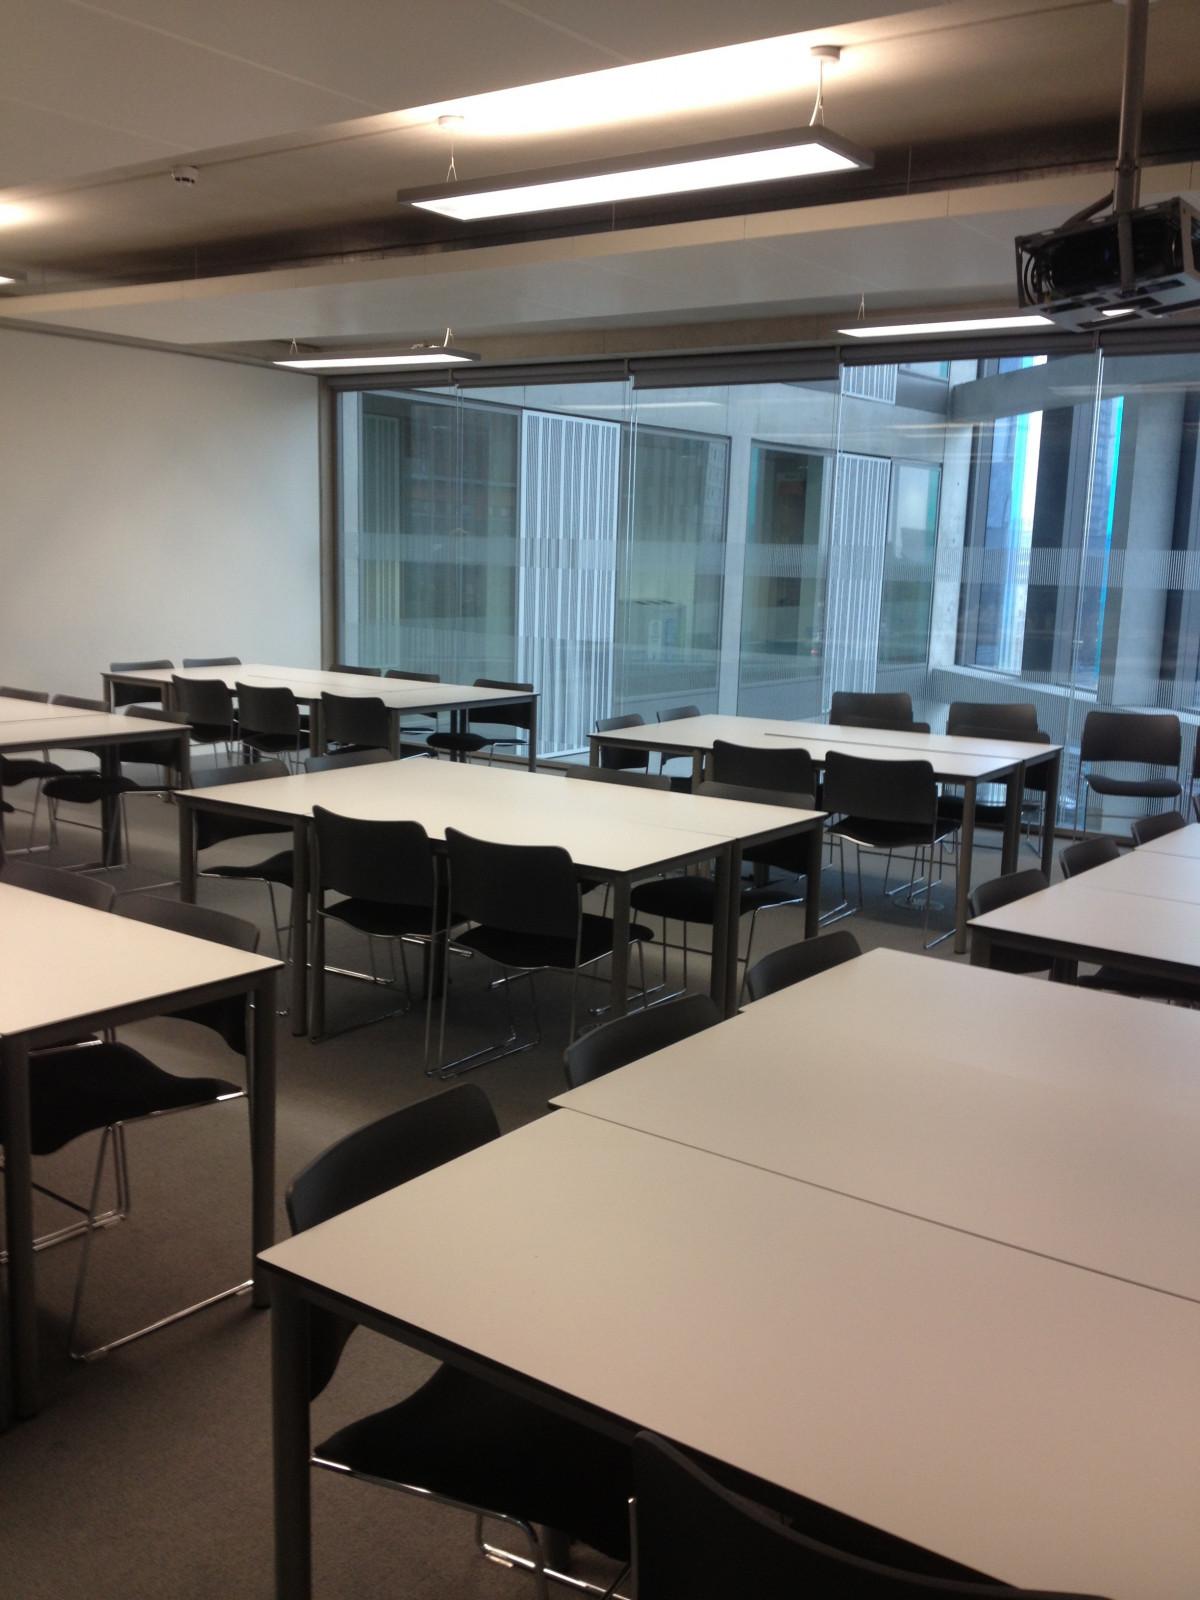 Kostenlose foto b ro zimmer klassenzimmer schule for Innenarchitektur lernen